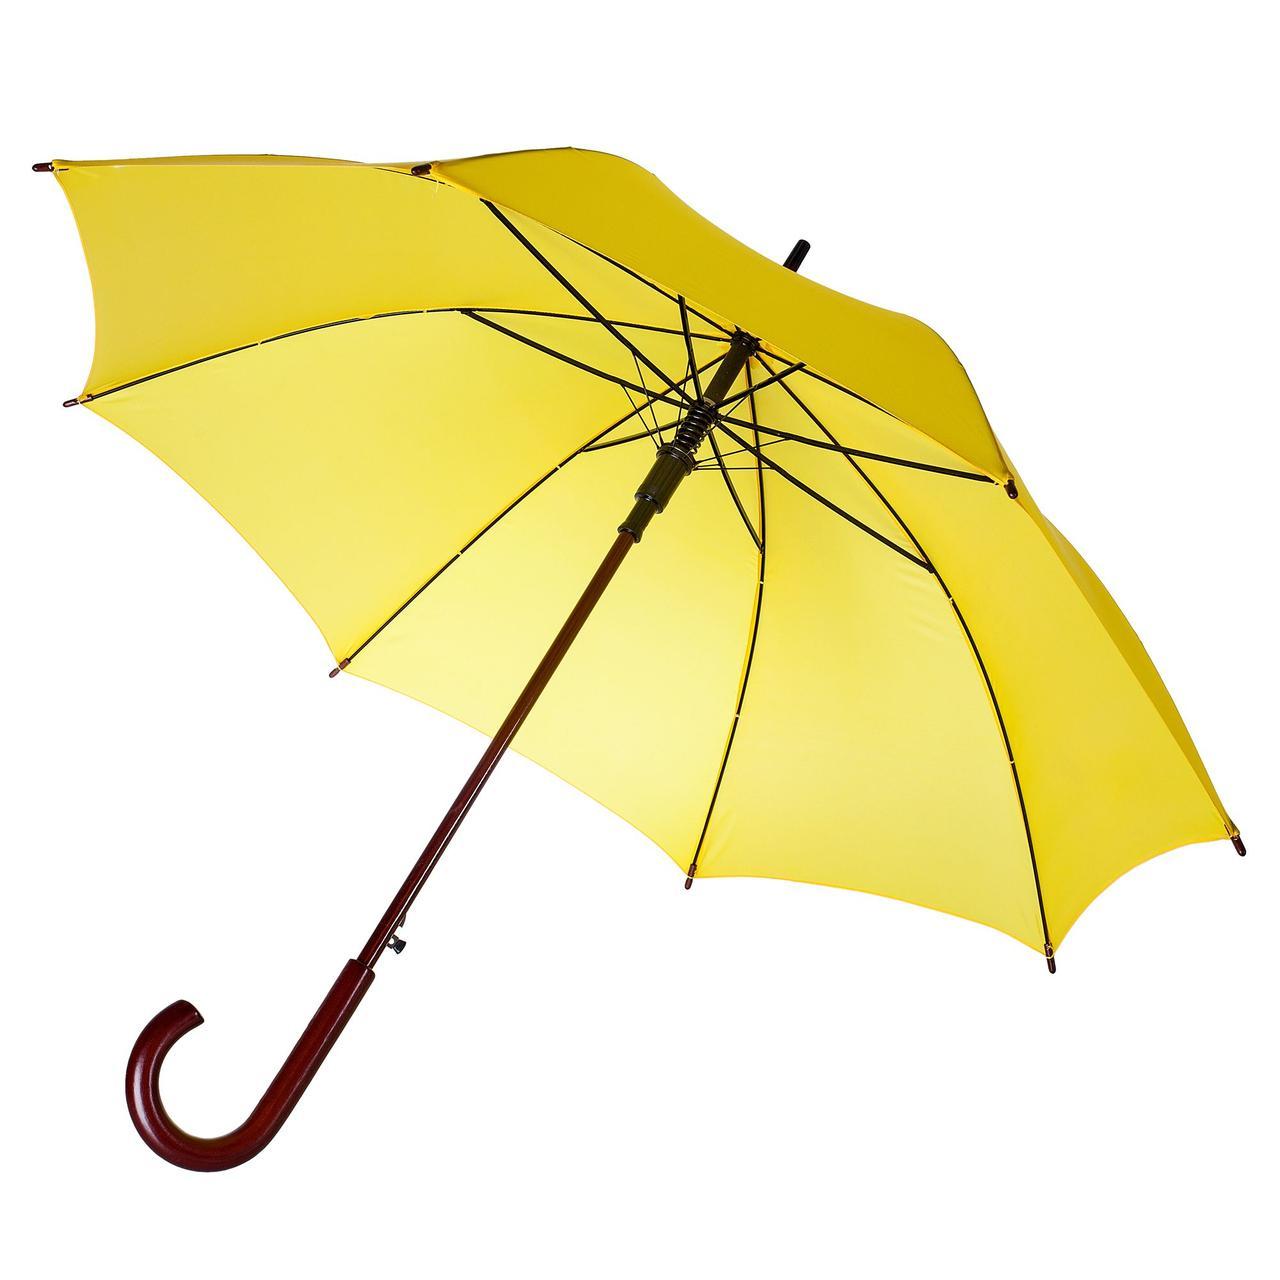 Зонт-трость Unit Standard, желтый (артикул 393.80)